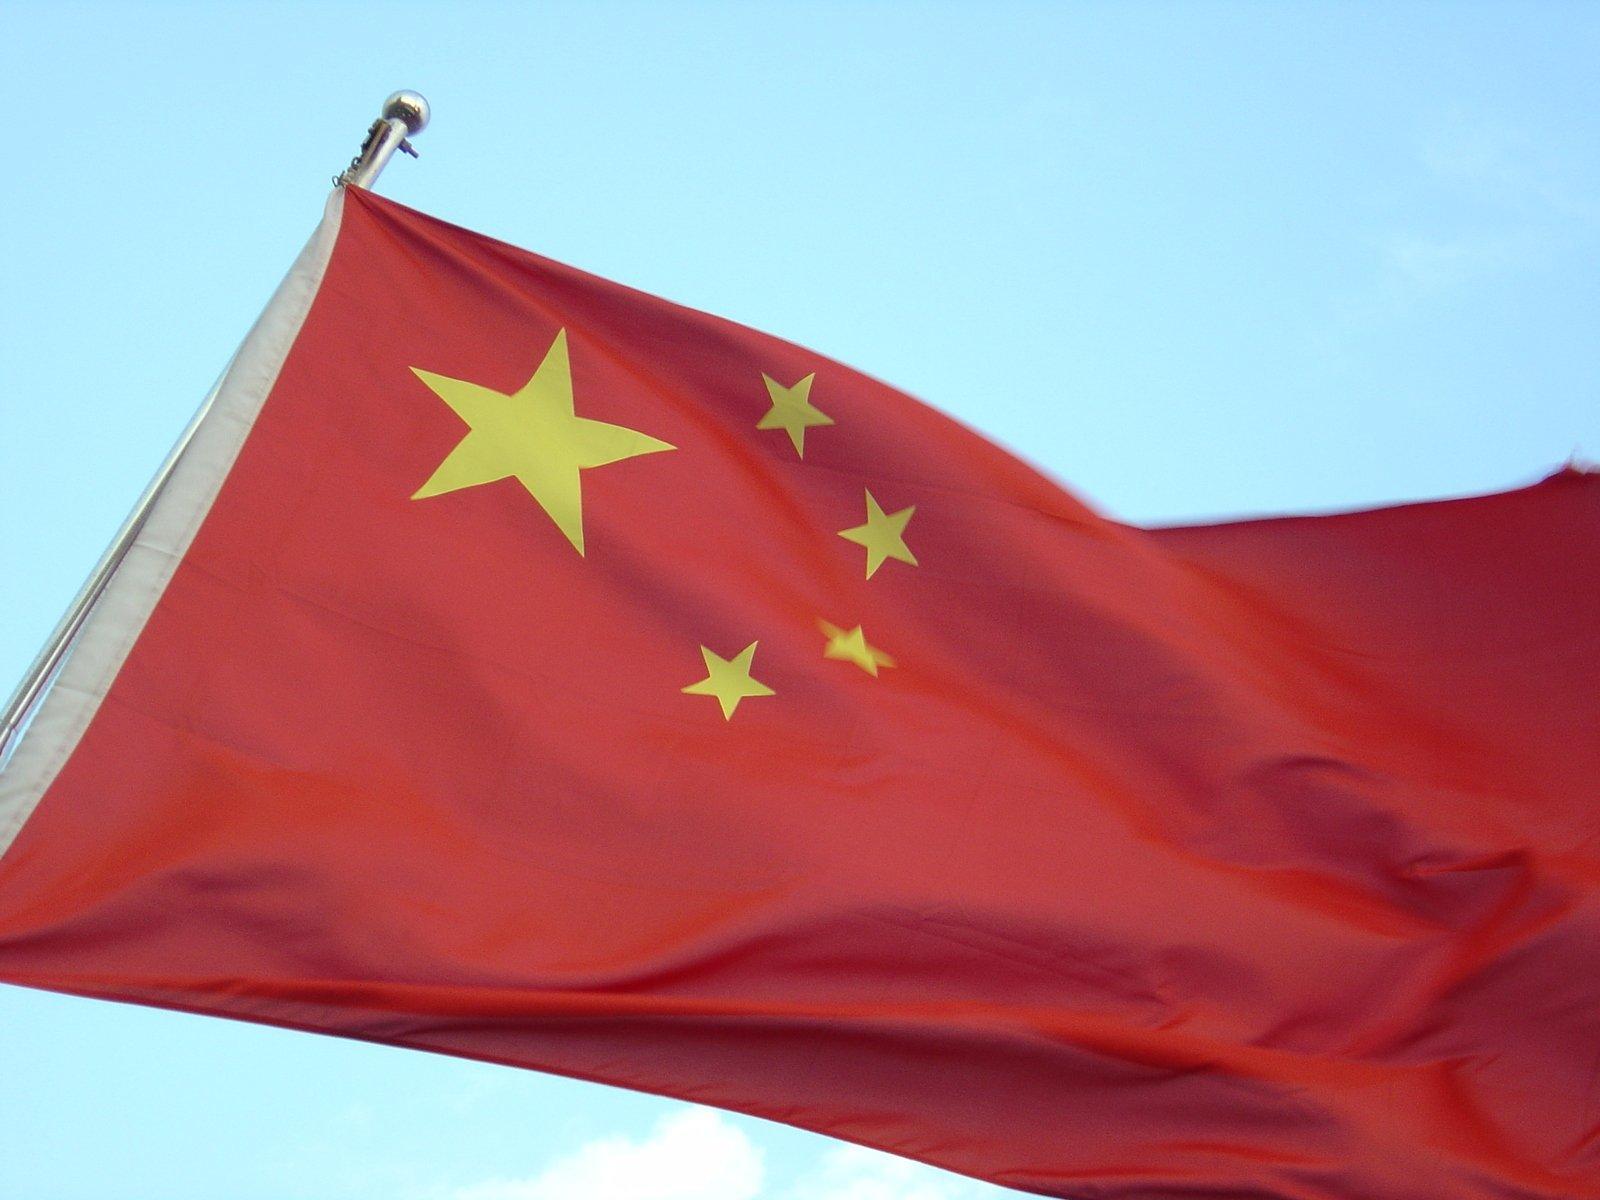 billiga varor från kina